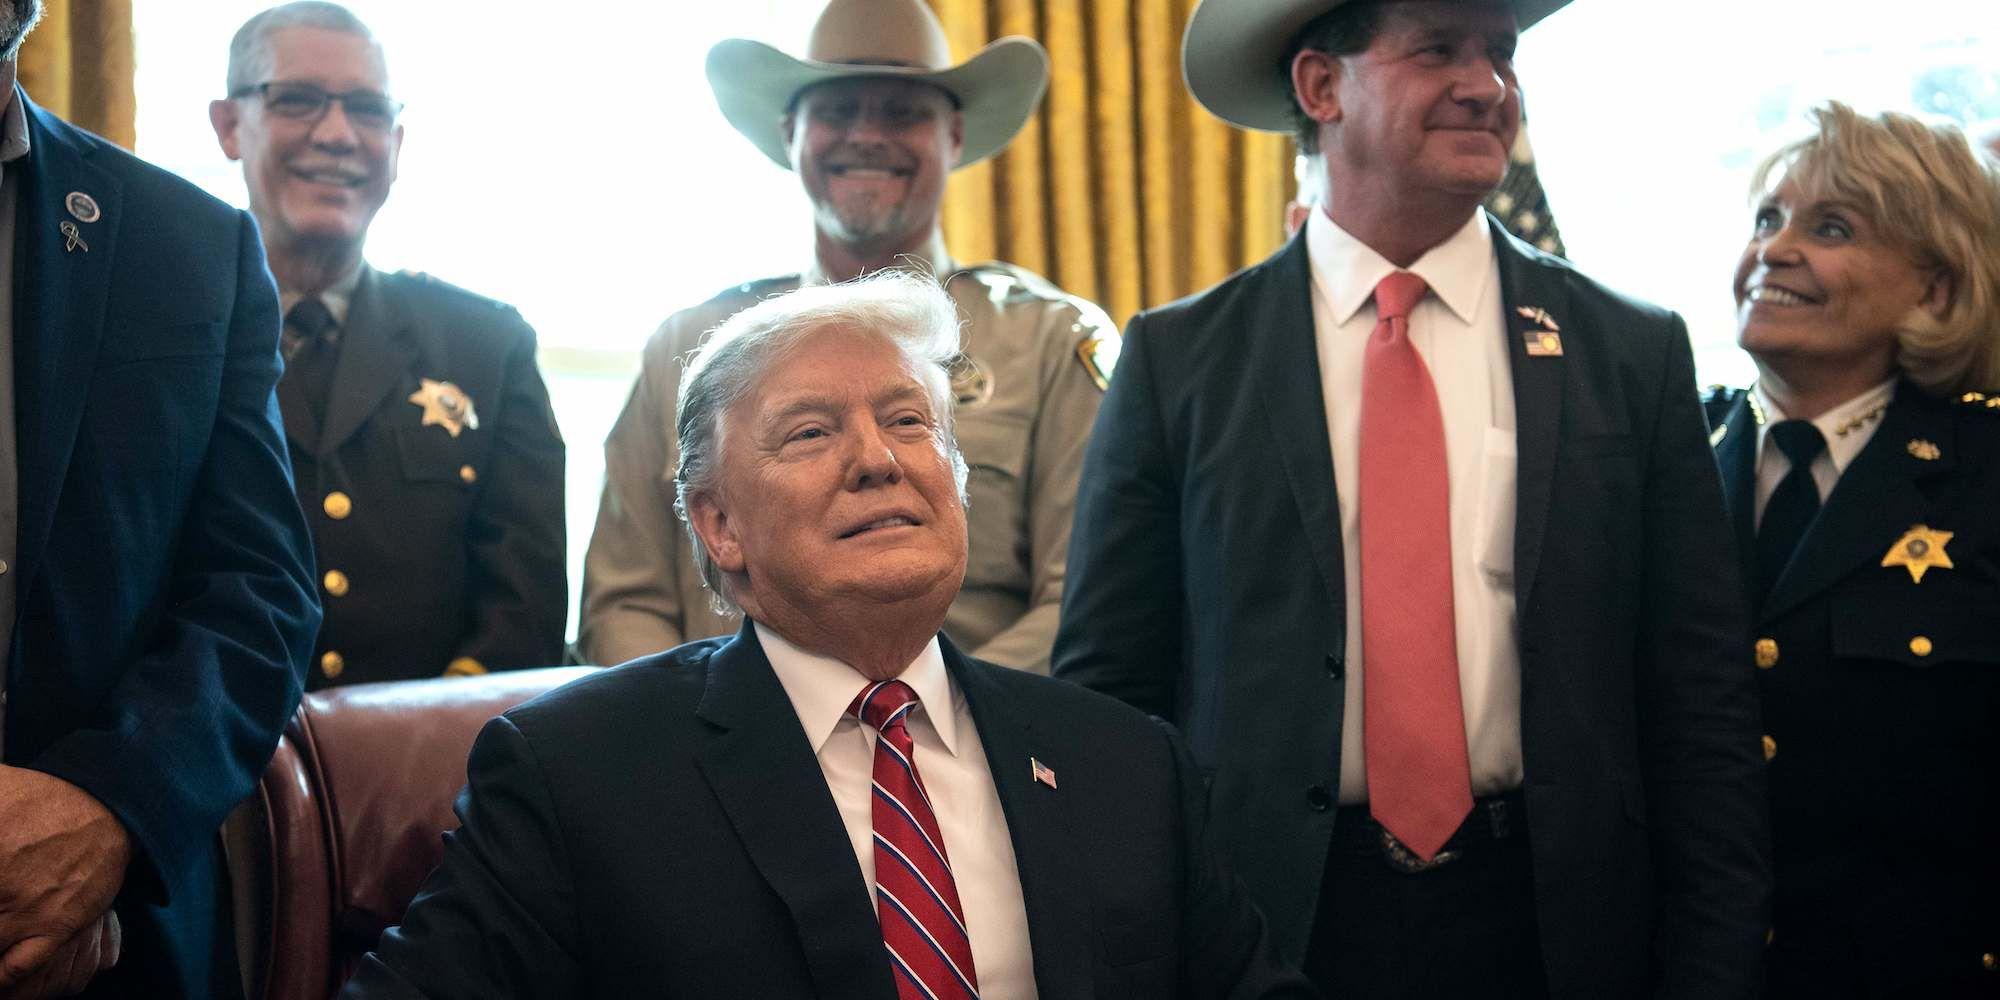 US-POLITICS-BORDER-SECURITY-TRUMP